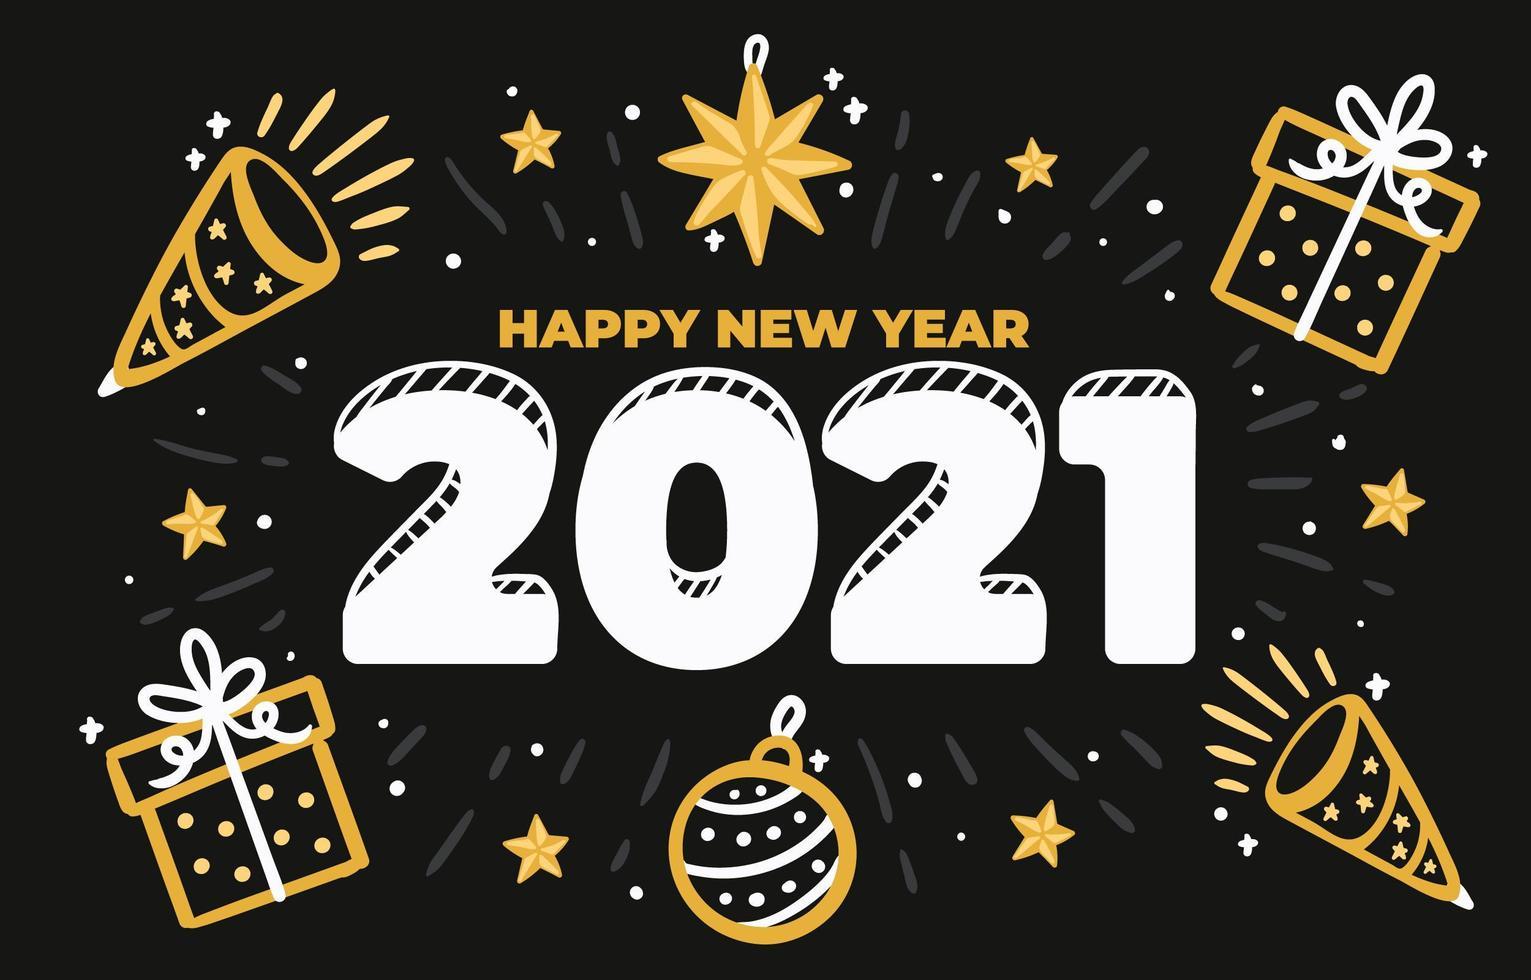 dessiné à la main bonne année 2021 vecteur